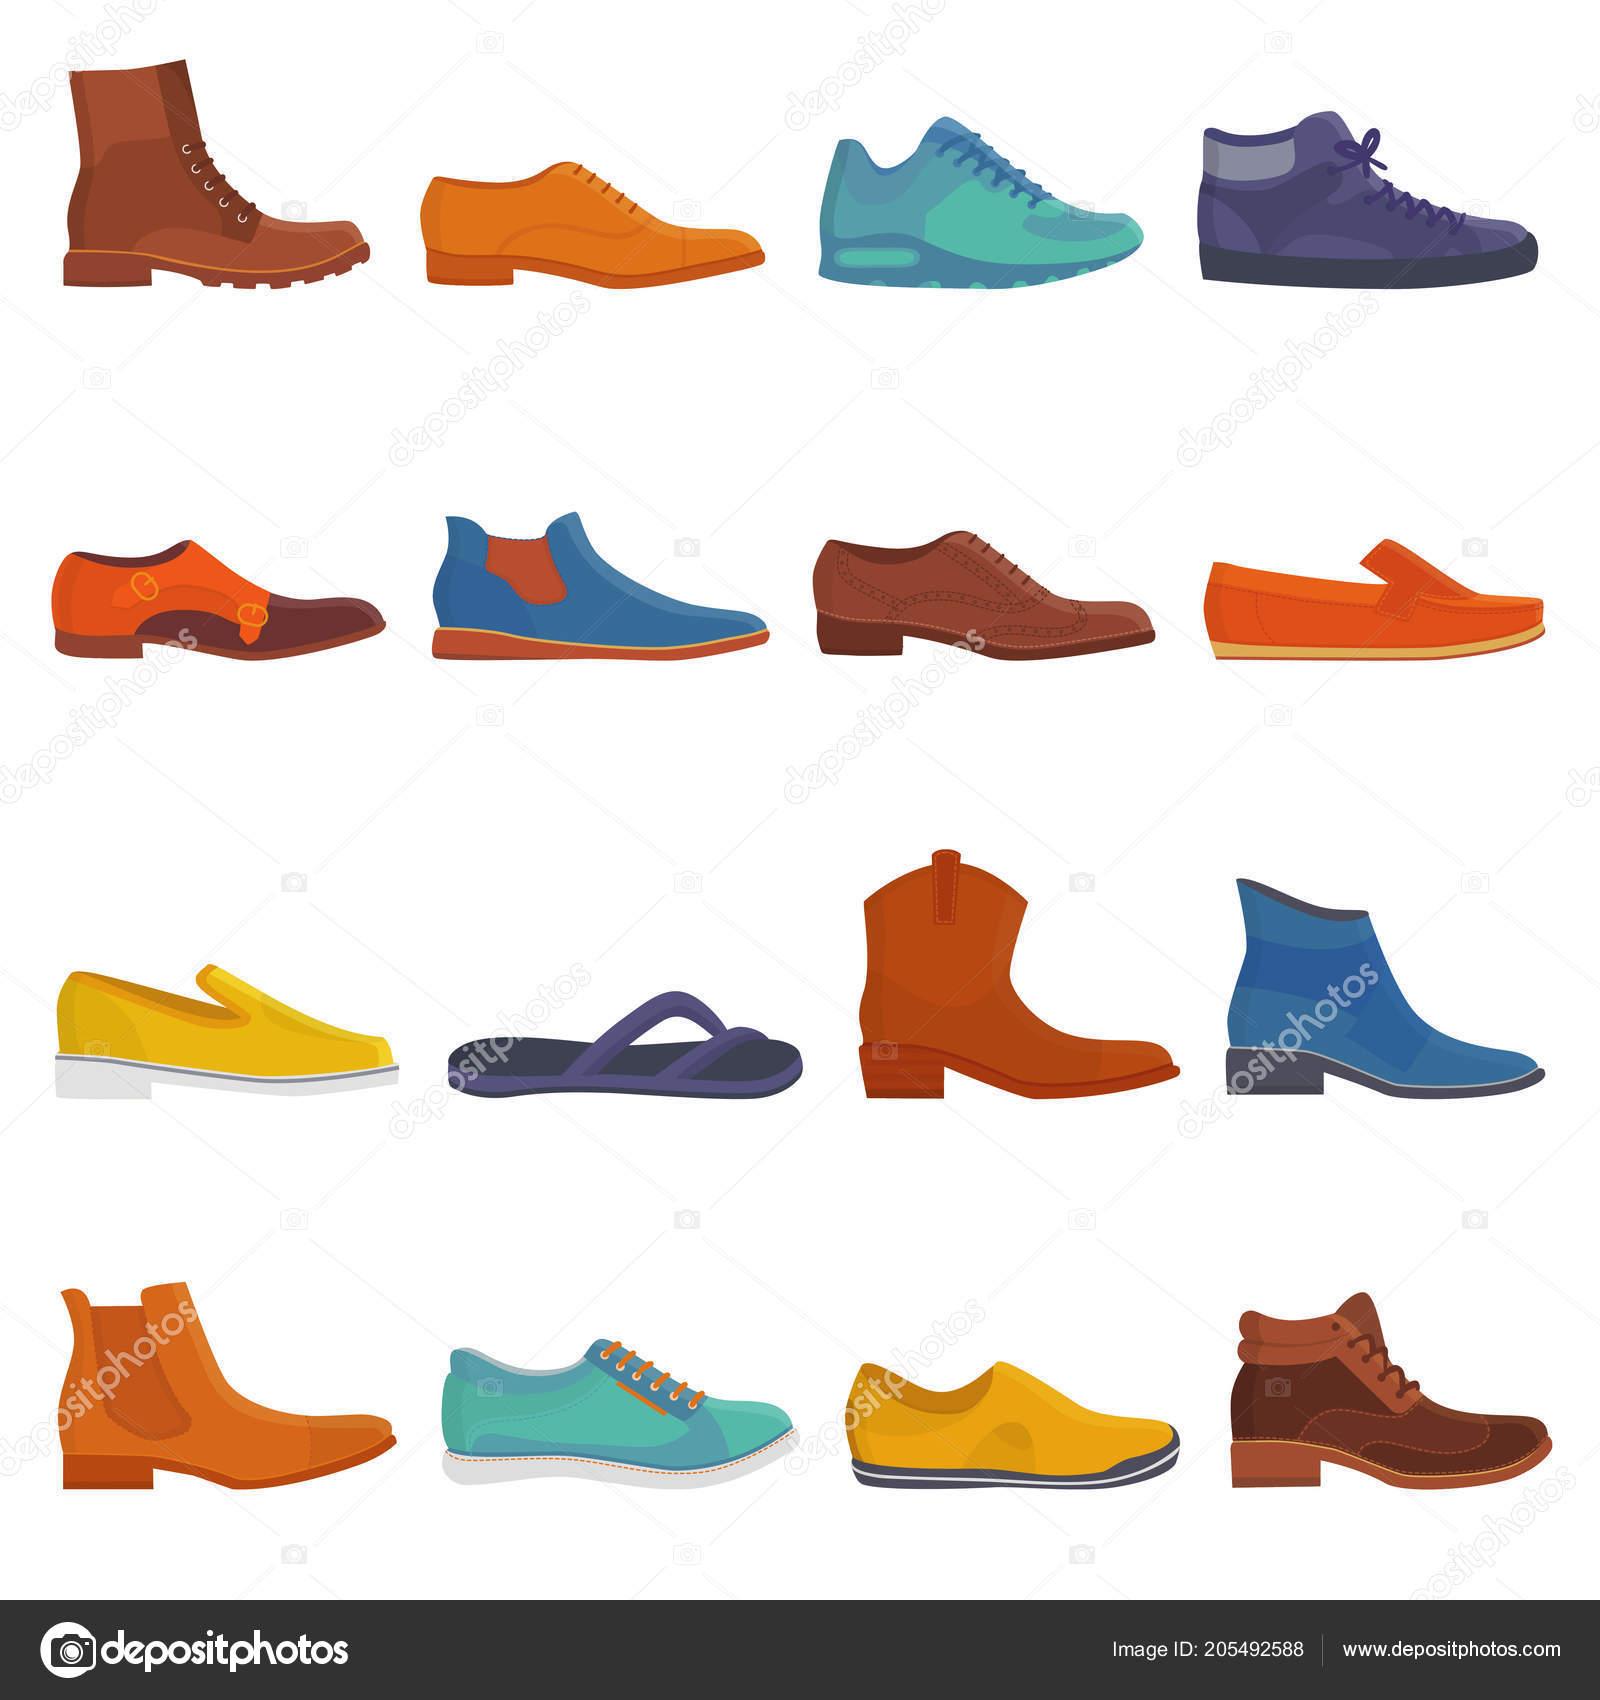 aeb90fe985 Homem sapato vetor masculinas botas e calçado de moda ou calçado de couro  clássico ou botinhas para conjunto de ilustração de homens de pé-engrenagem  homens ...